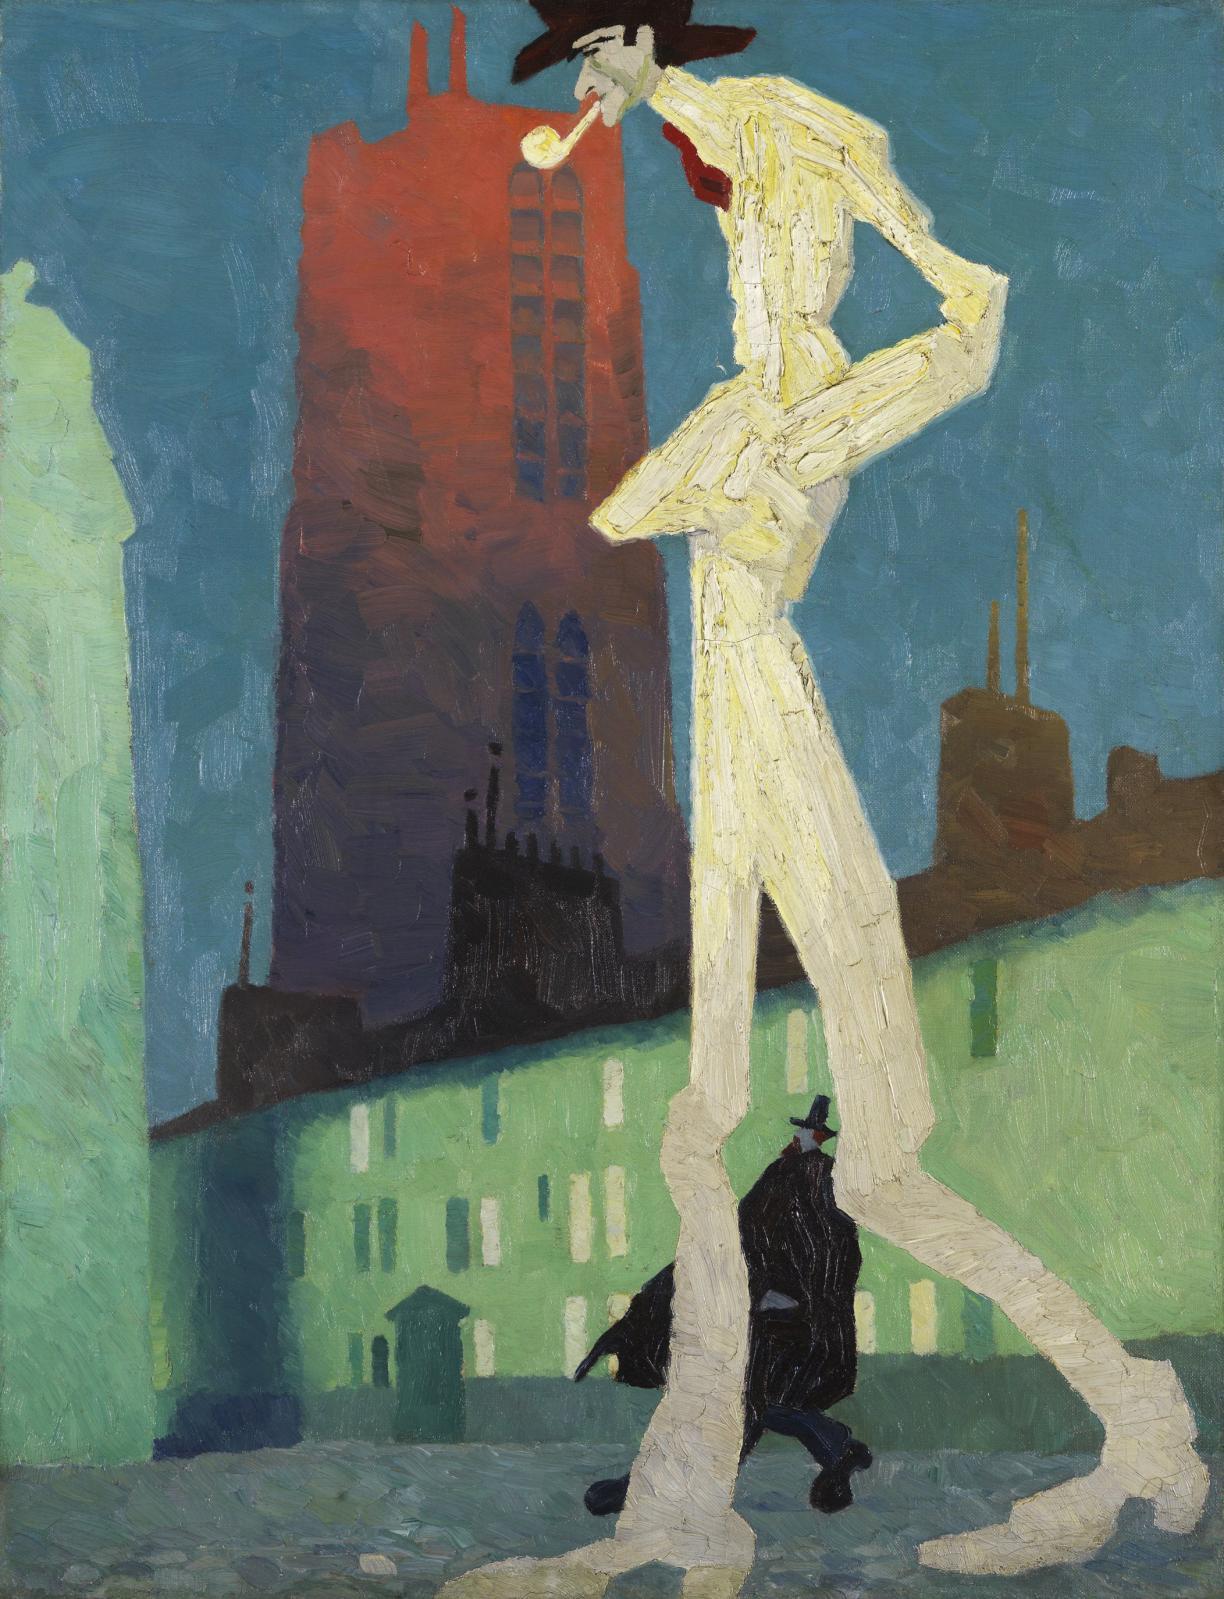 Lyonel Feininger, The White Man, 1907, huile sur toile, 68,3 x 52,3 cm. Collection Carmen Thyssen-Bornemisza en prêt au Museo Nacional Thy